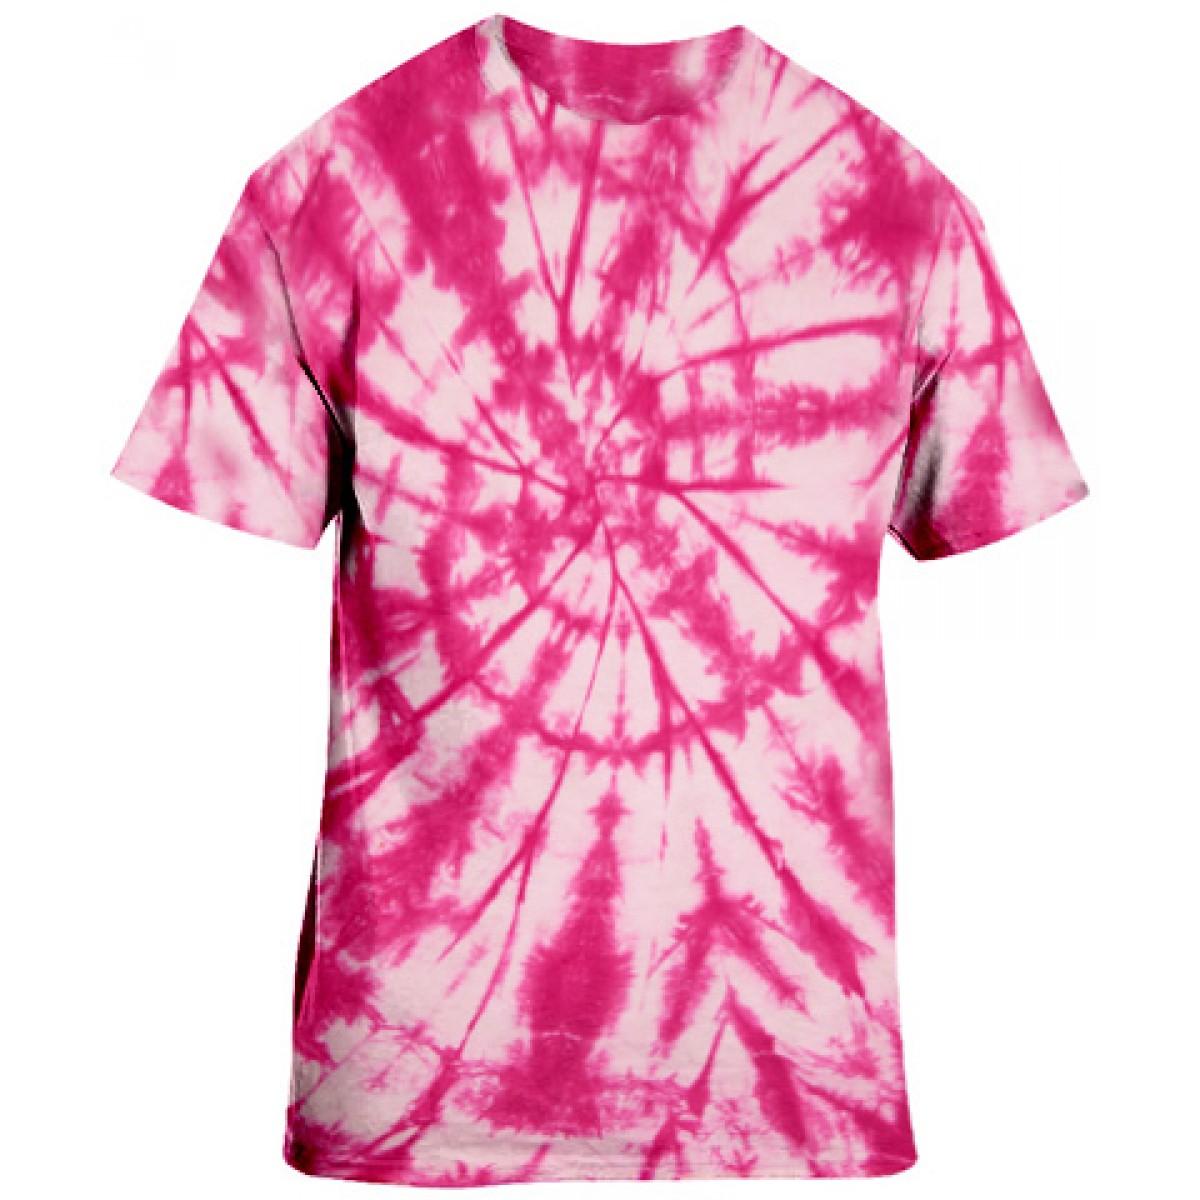 Pink Tie-Dye S/S Tee -Pink-L